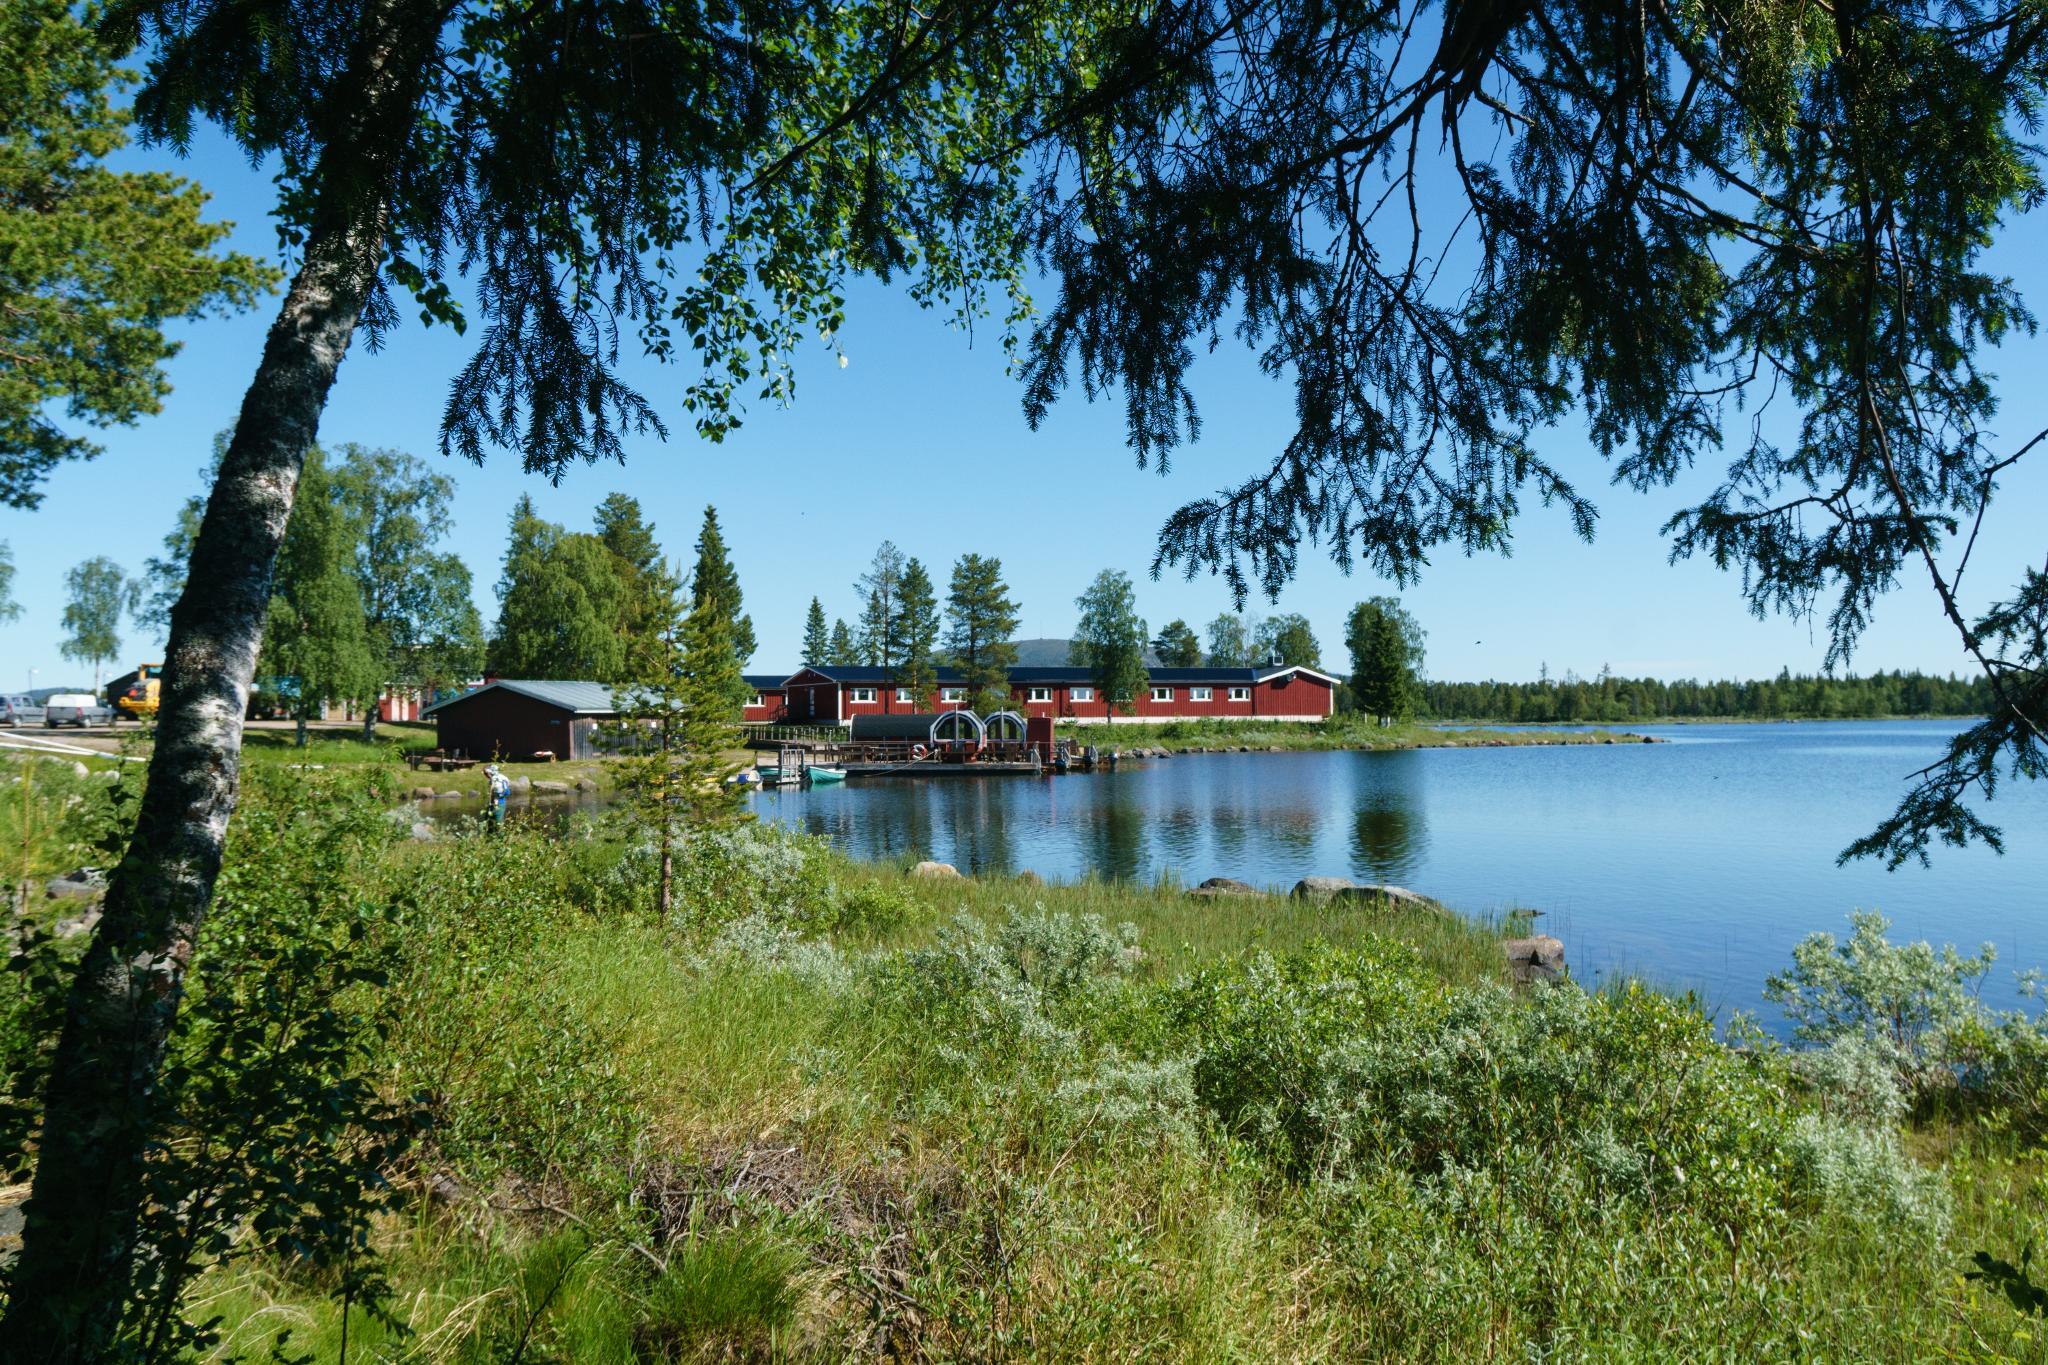 【北歐露營】北極荒野的推薦度假村 — 瑞典阿爾耶普魯格 Kraja 酒店 68